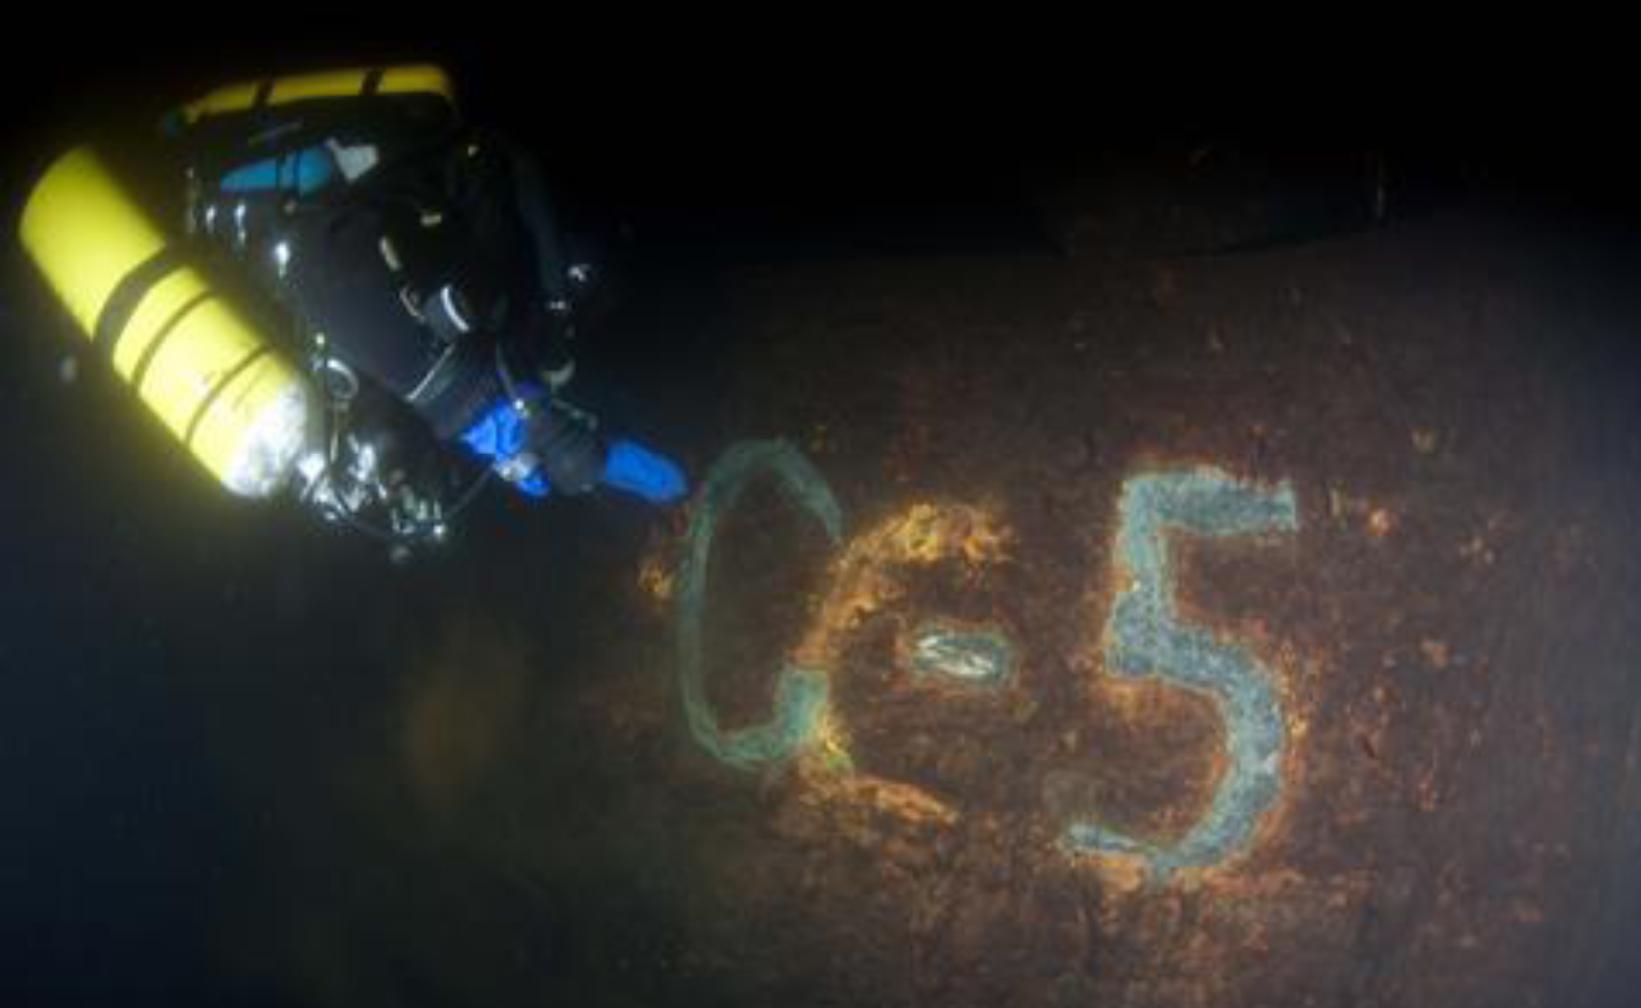 """Allveelaeva vrakk lokaliseeriti lehviksonariga oktoobris 2010 Veeteede Ameti meremõõdistustööde käigus poilaevalt Sektori. Identifitseeriti allveelaeva S-5 vrakina 2012. aastal Soome sukeldumisklubi """"Divers of the Dark"""" sukeldujate poolt.  Vaade vasakpoolsele sõukruvile. […]"""